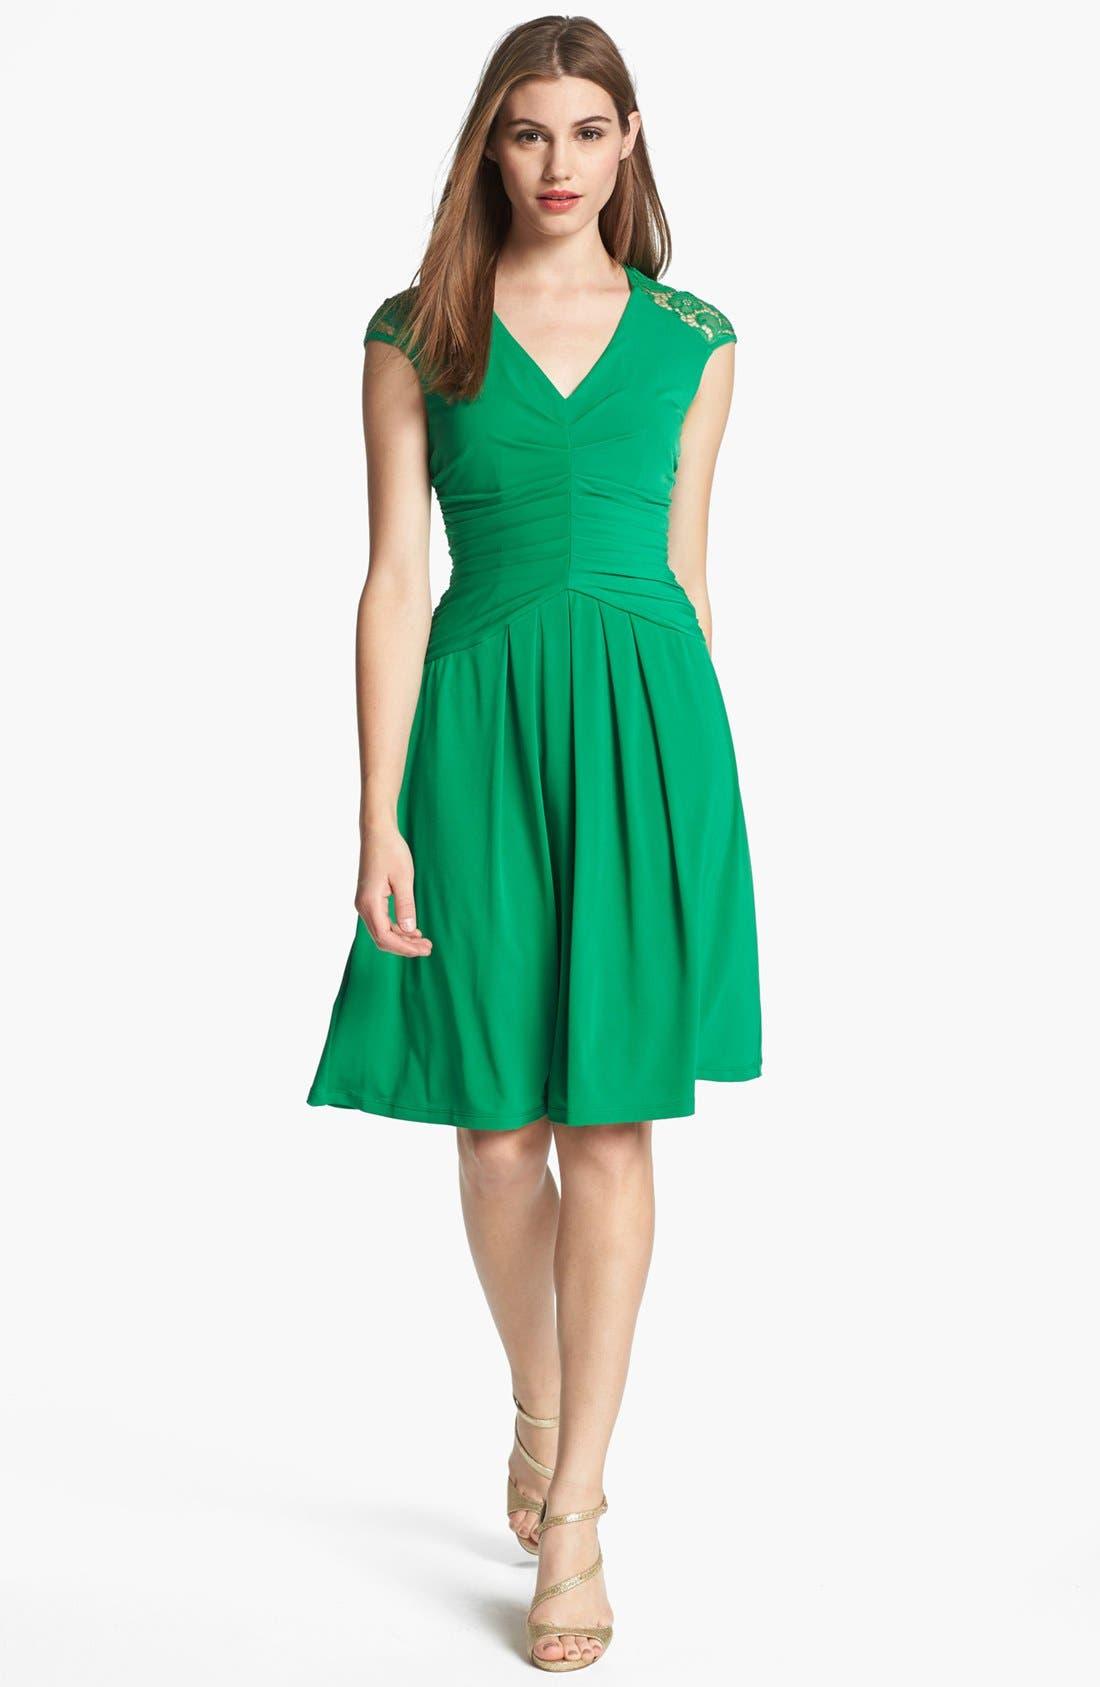 Main Image - Ivy & Blu Lace Back Jersey Dress